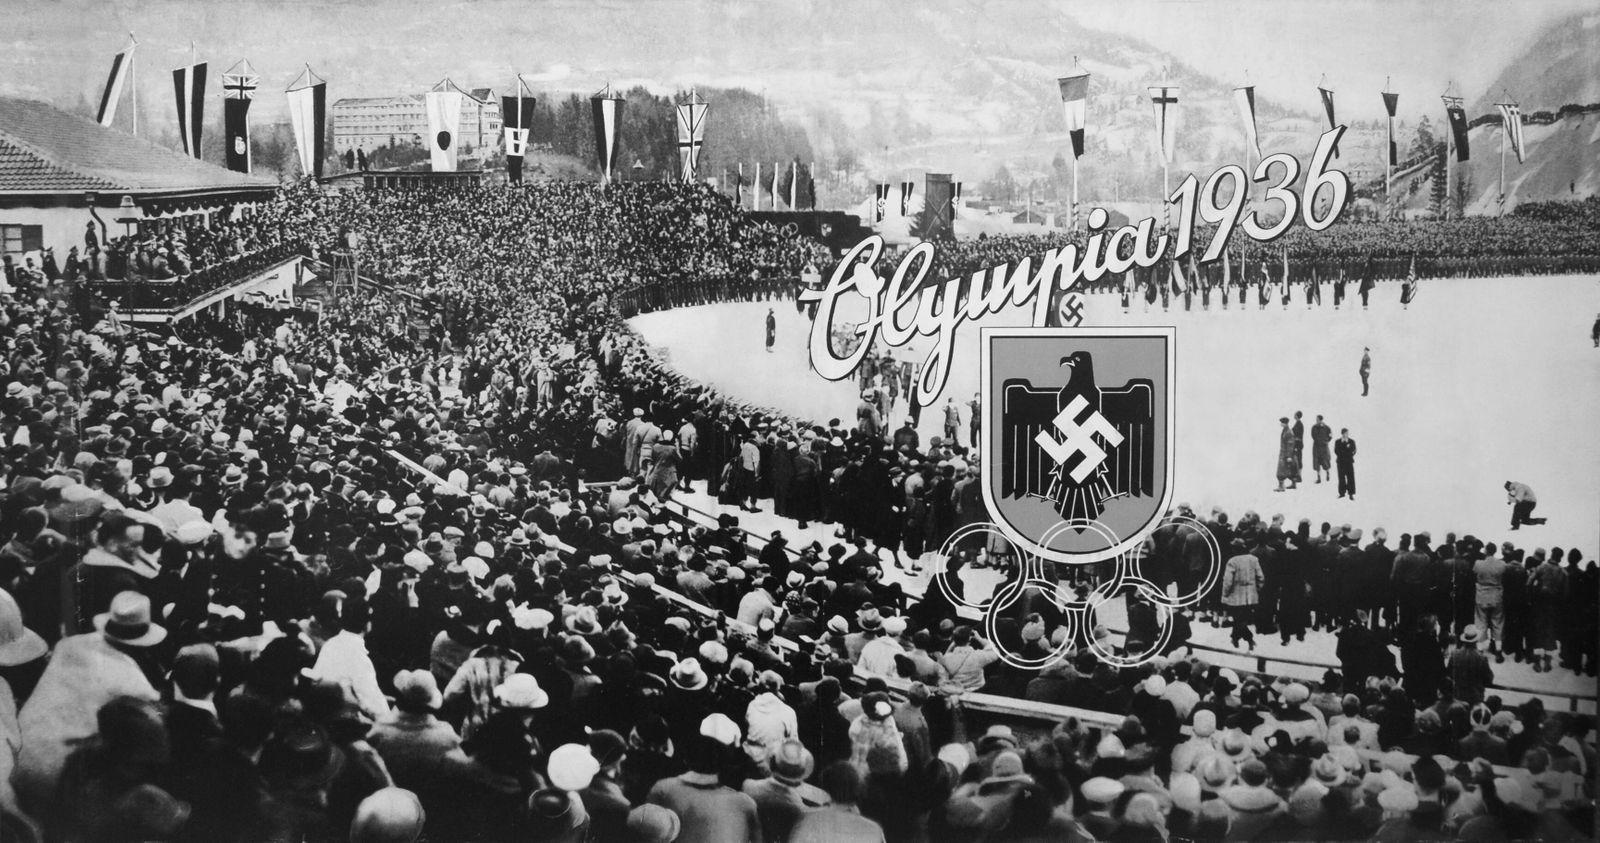 Olympische Spiele 1936 03/11 teu Titelbild eines Sammelalbums der Olympischen Winterspiele 1936 in Garmisch-Partenkirch